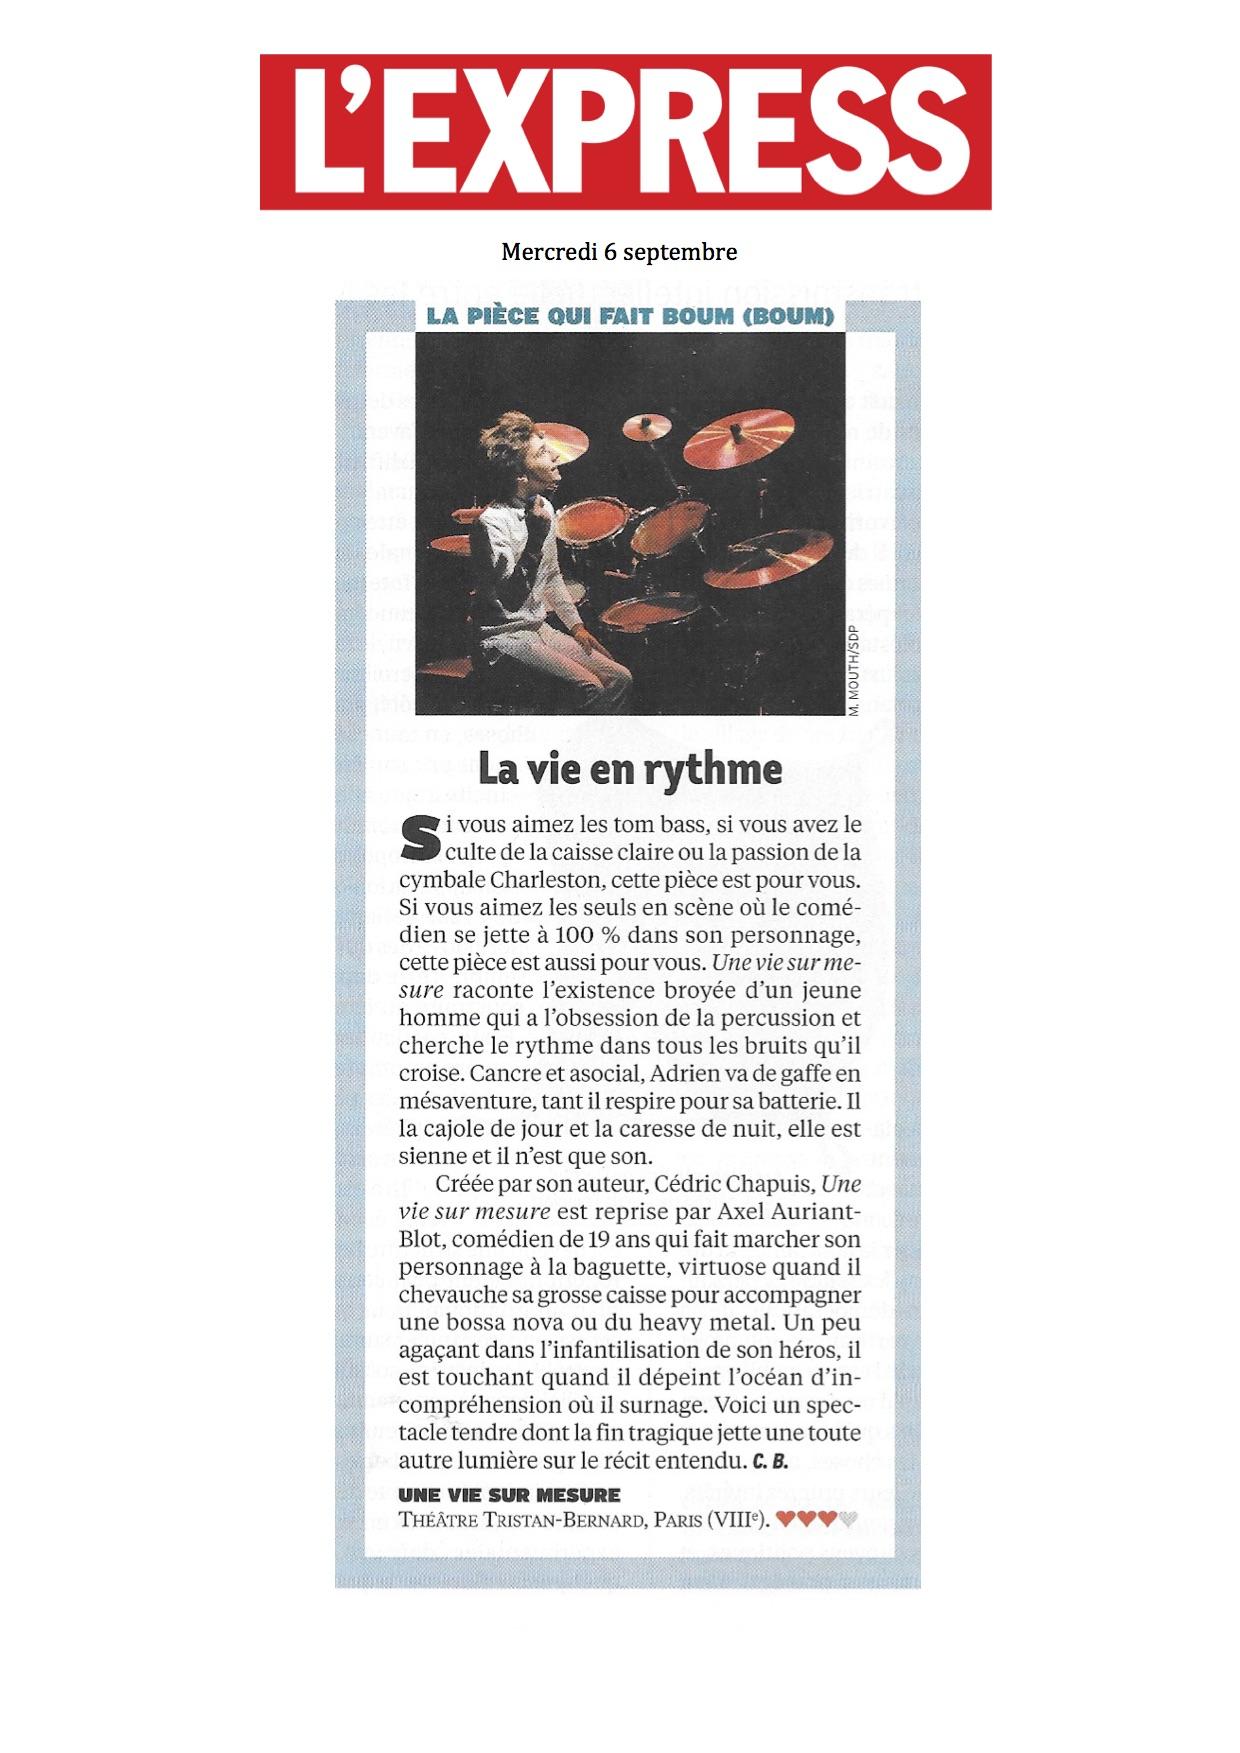 L'Express 06.09.17